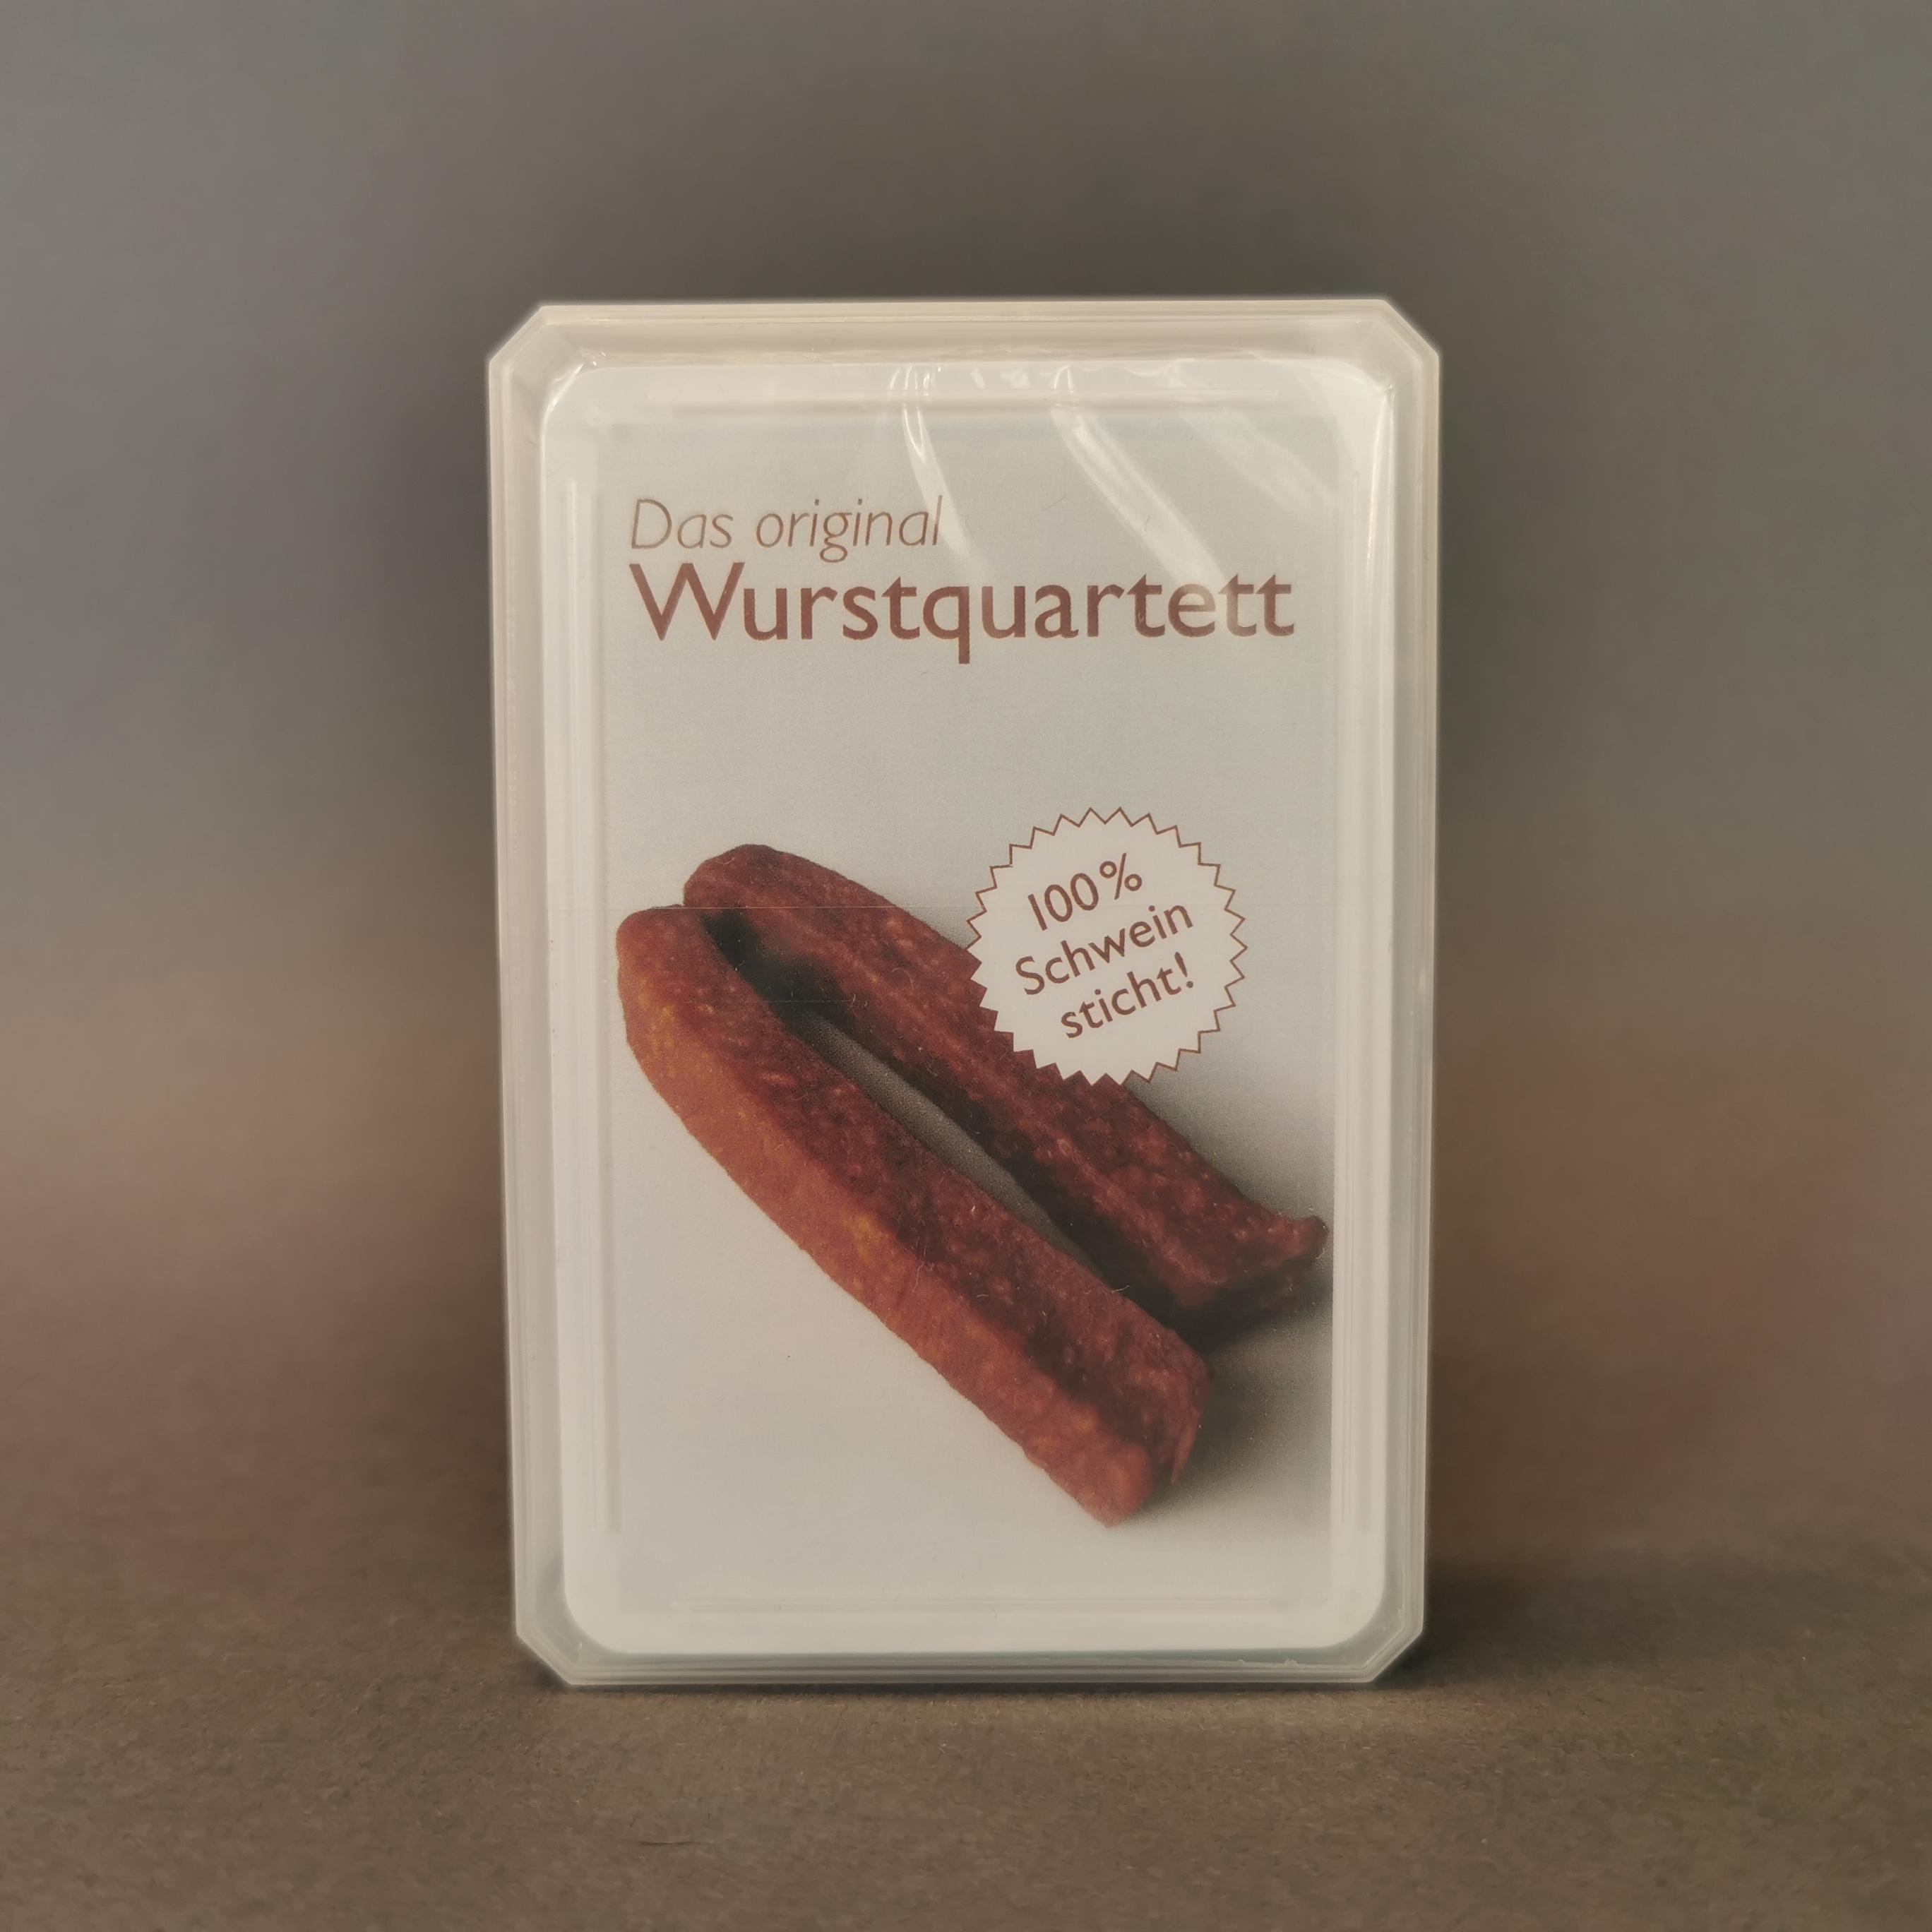 Wurstquartett